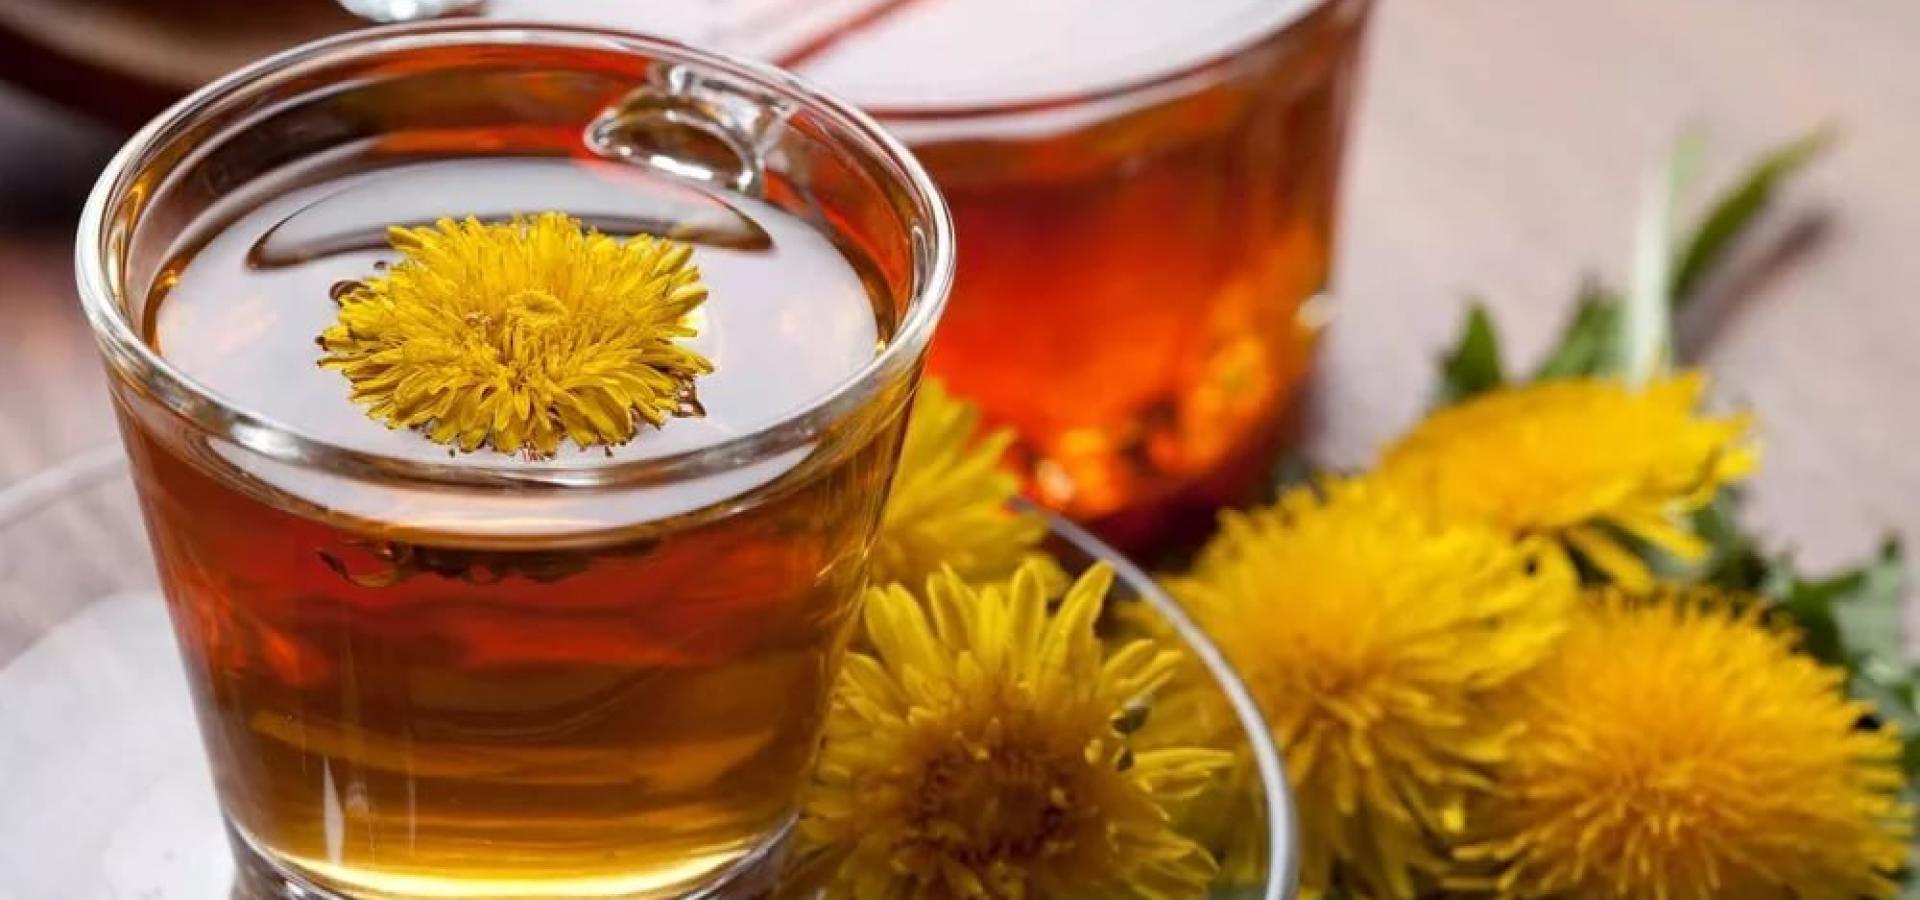 Чем полезен чай из одуванчиков и как его правильно заваривать